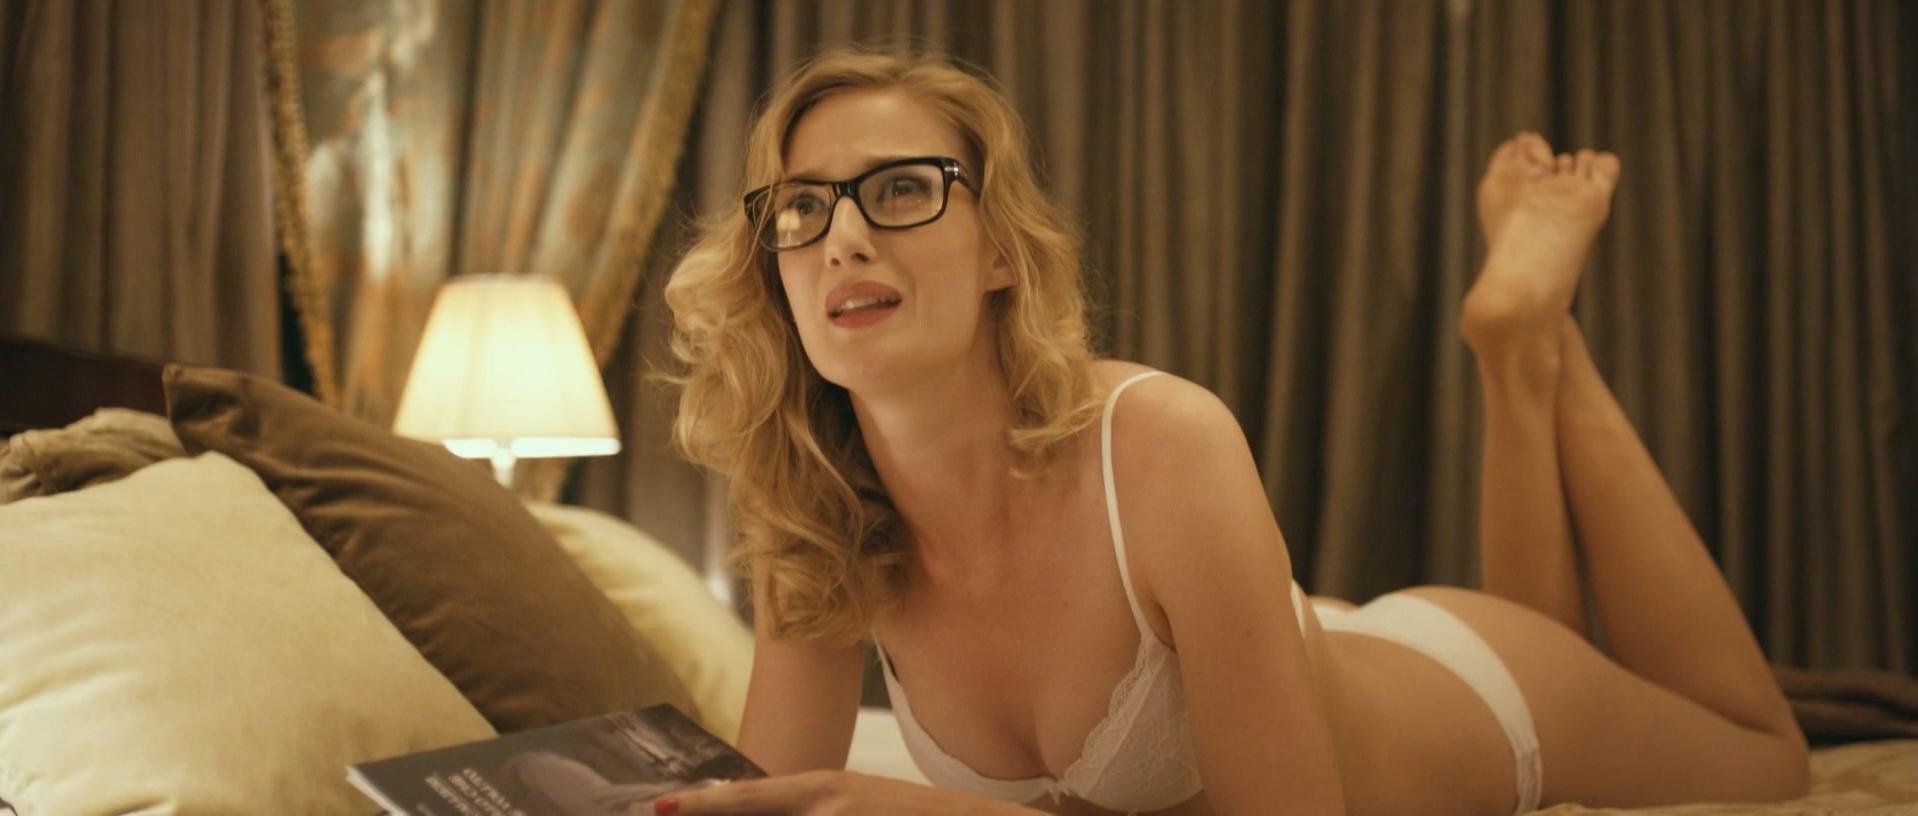 Eva Riccobono sexy - Passione Sinistra (2013)